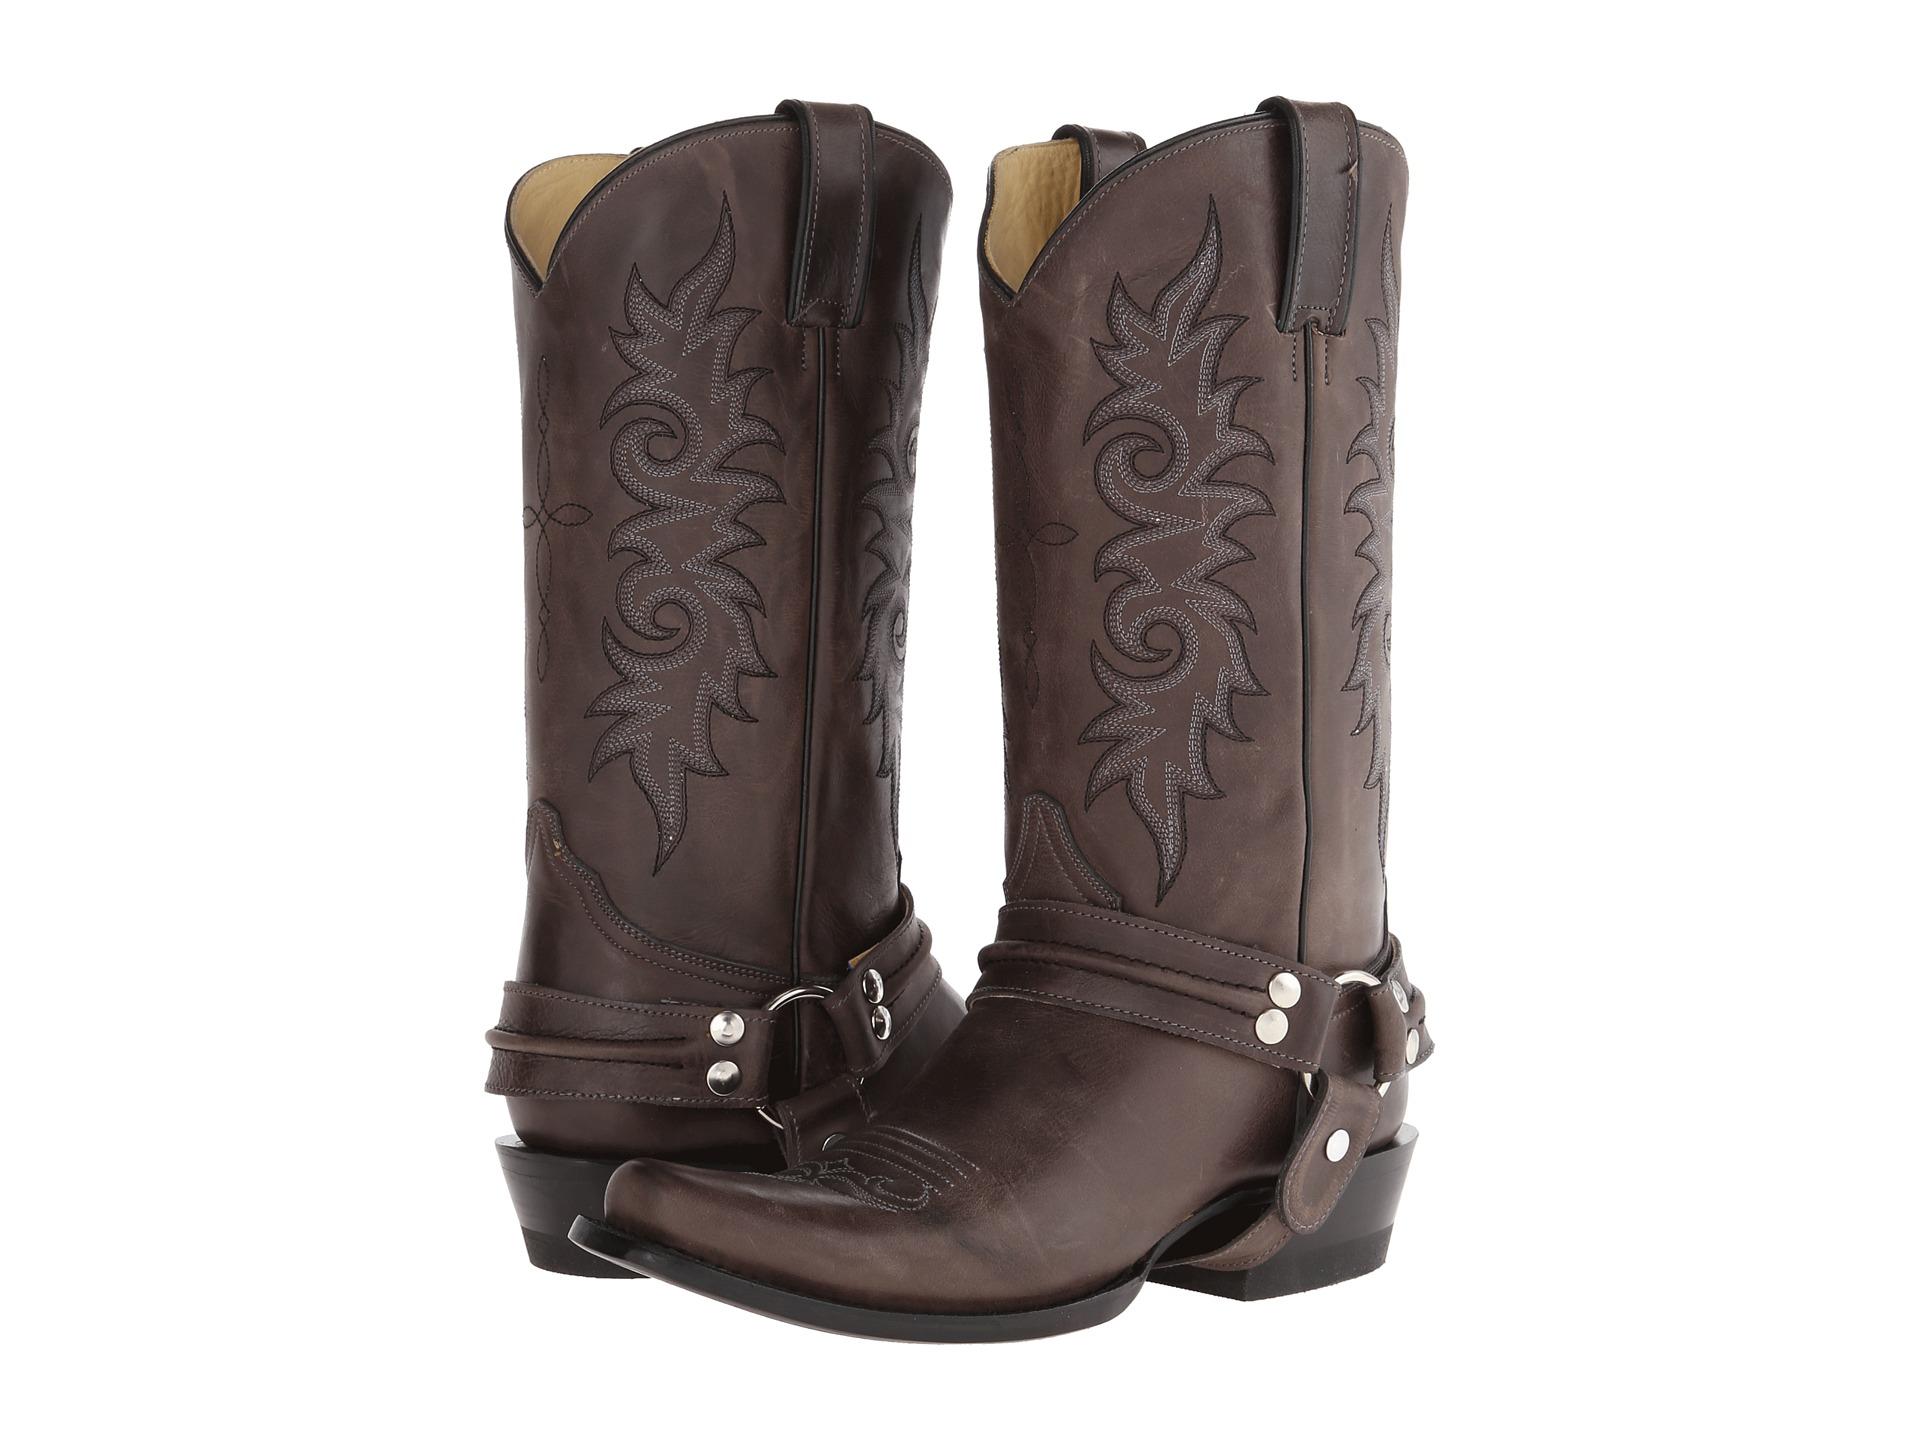 Mens Clae Shoes Images CLAE Hamilton Shoe Slick